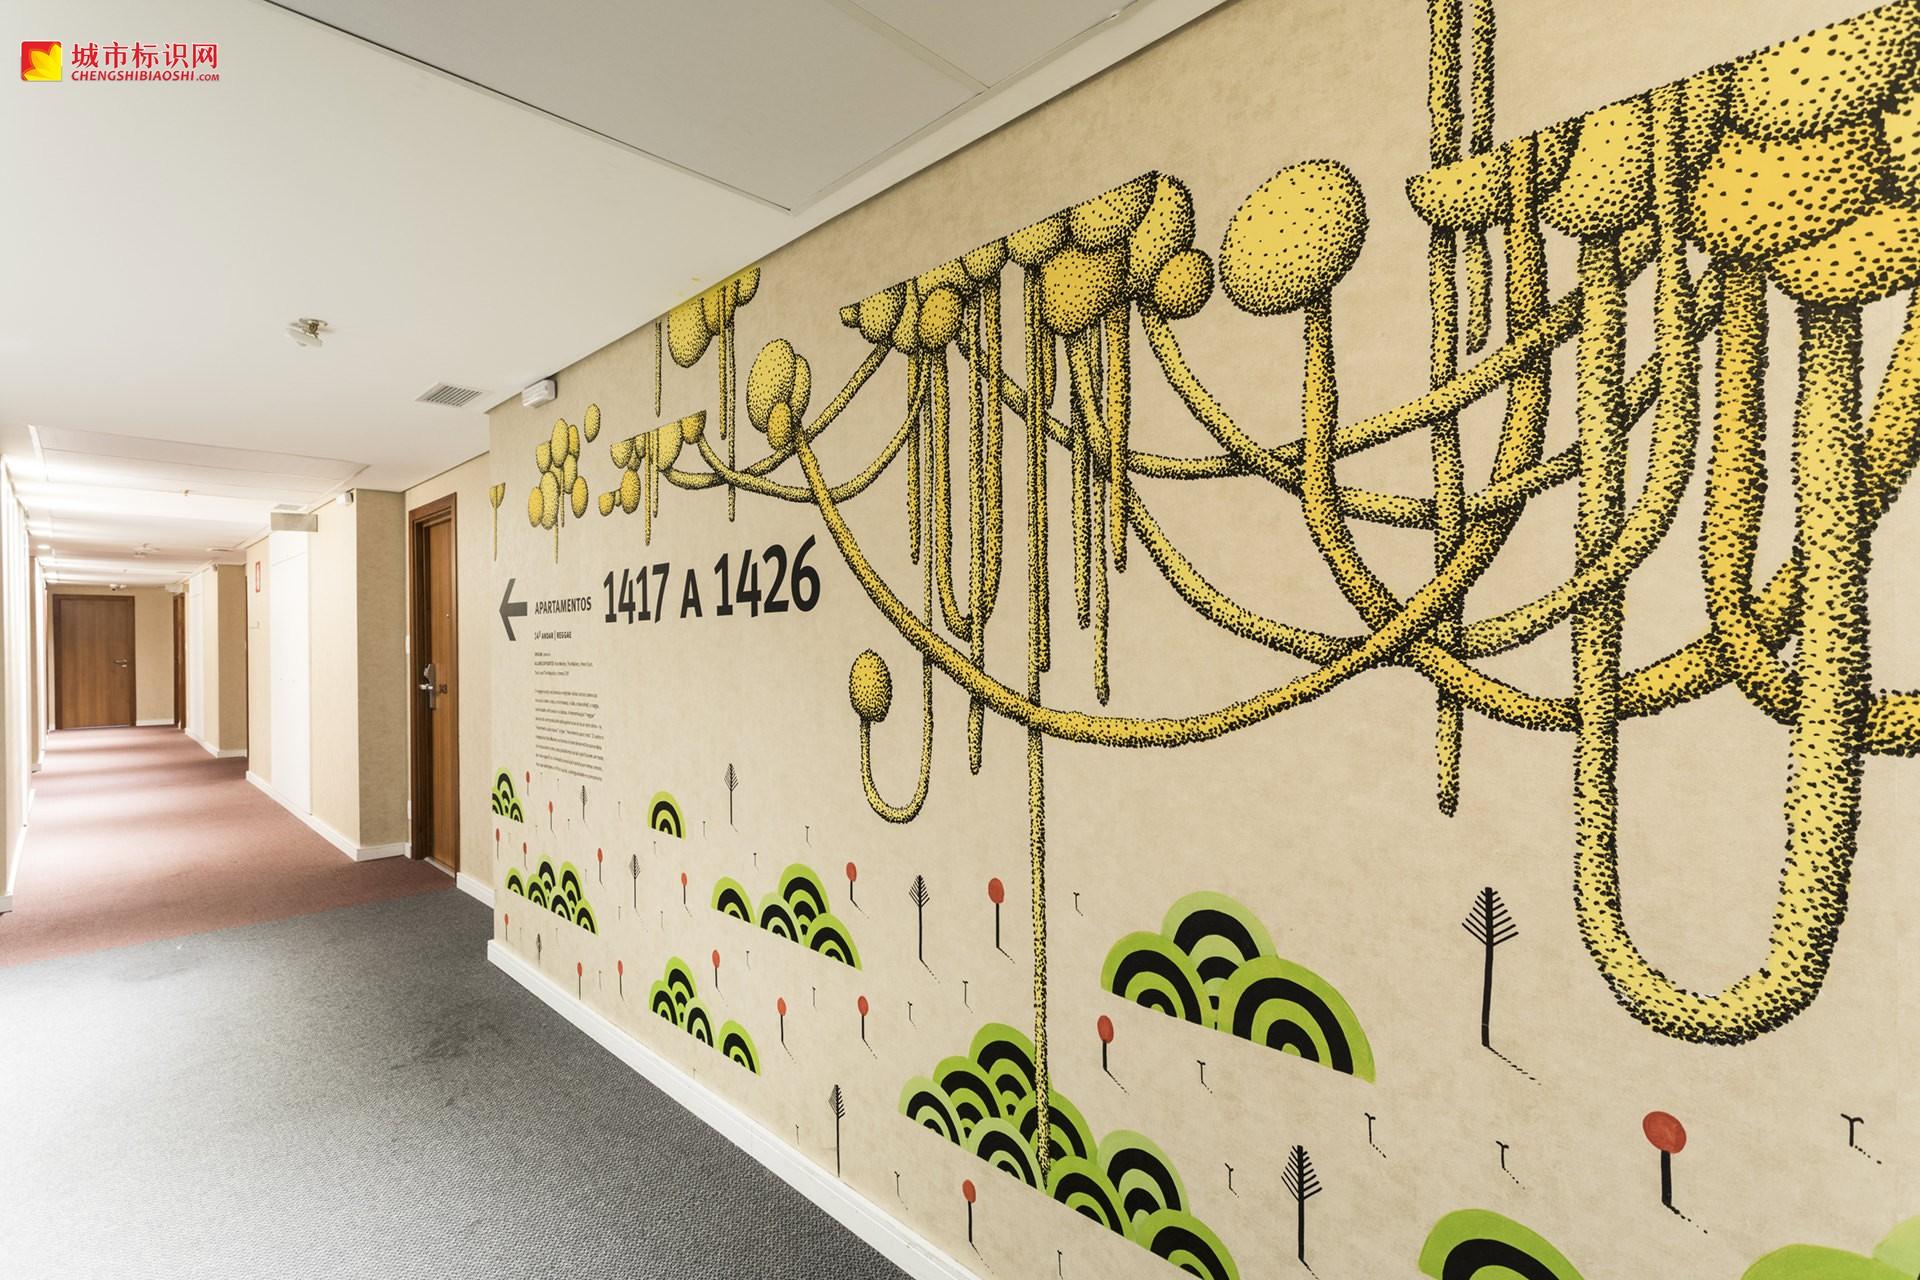 华美达安可酒店标识系统设计© Greco Design